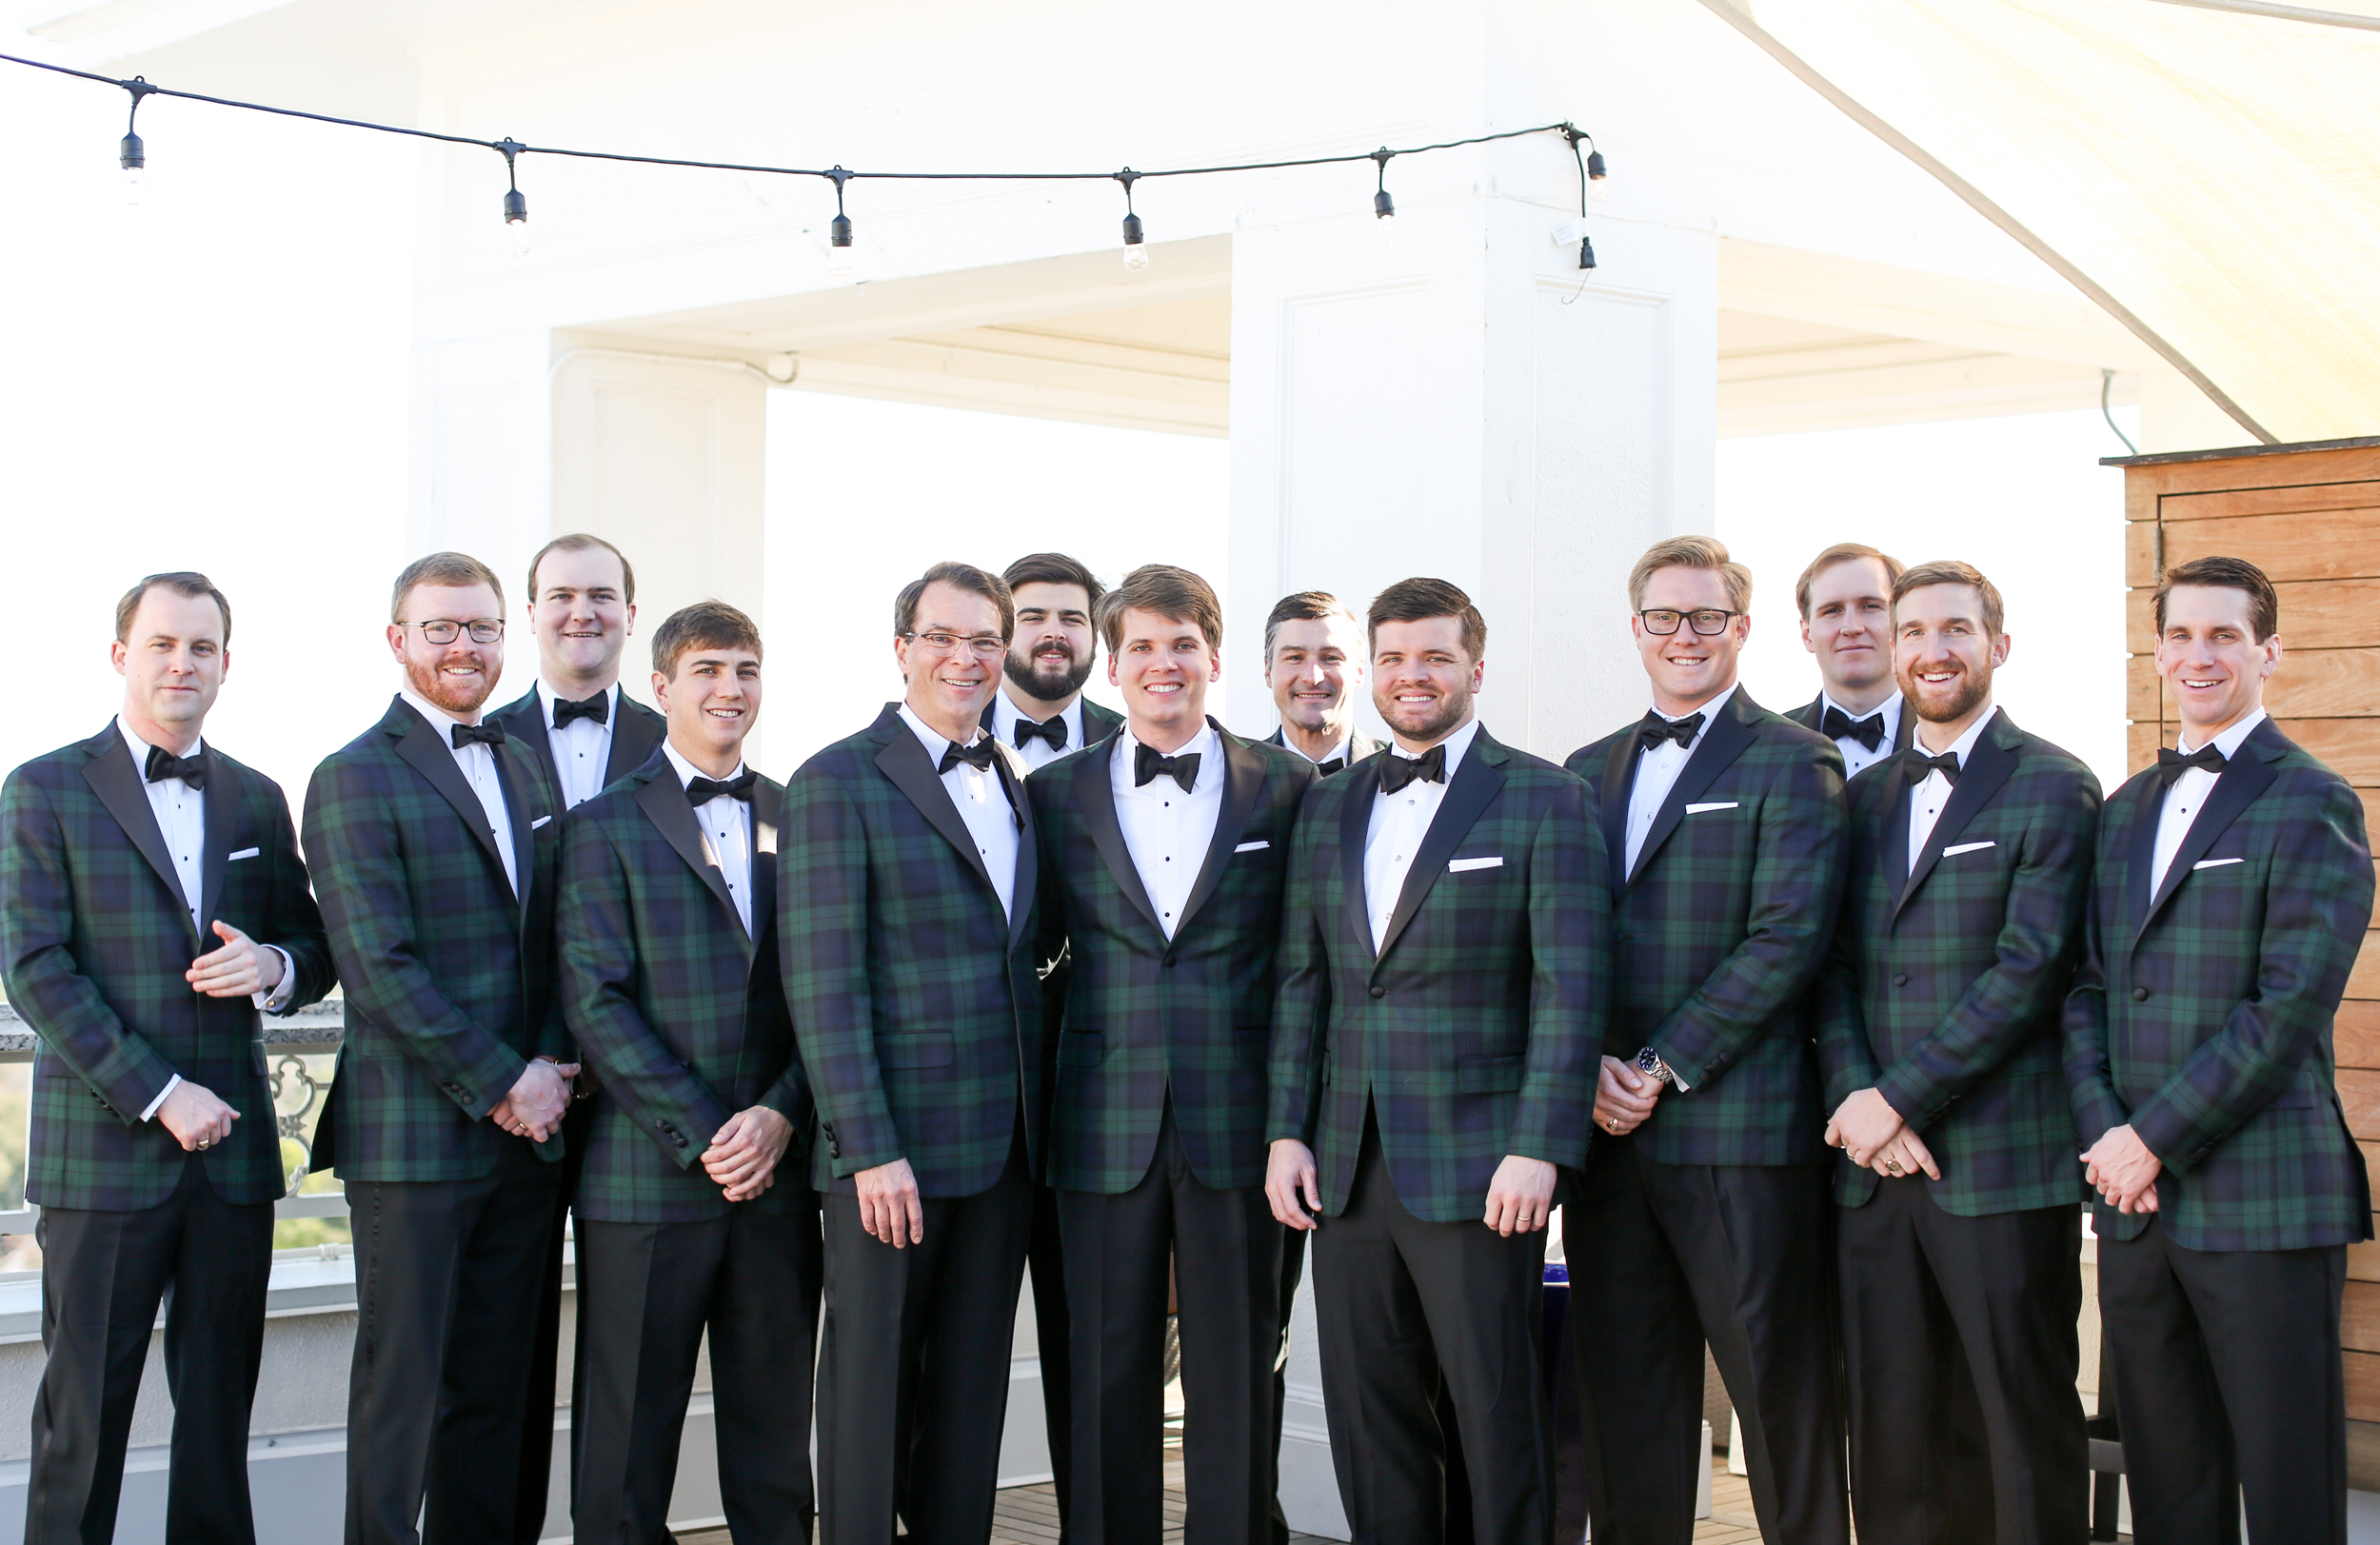 Kuhlke_wedding-228.jpg